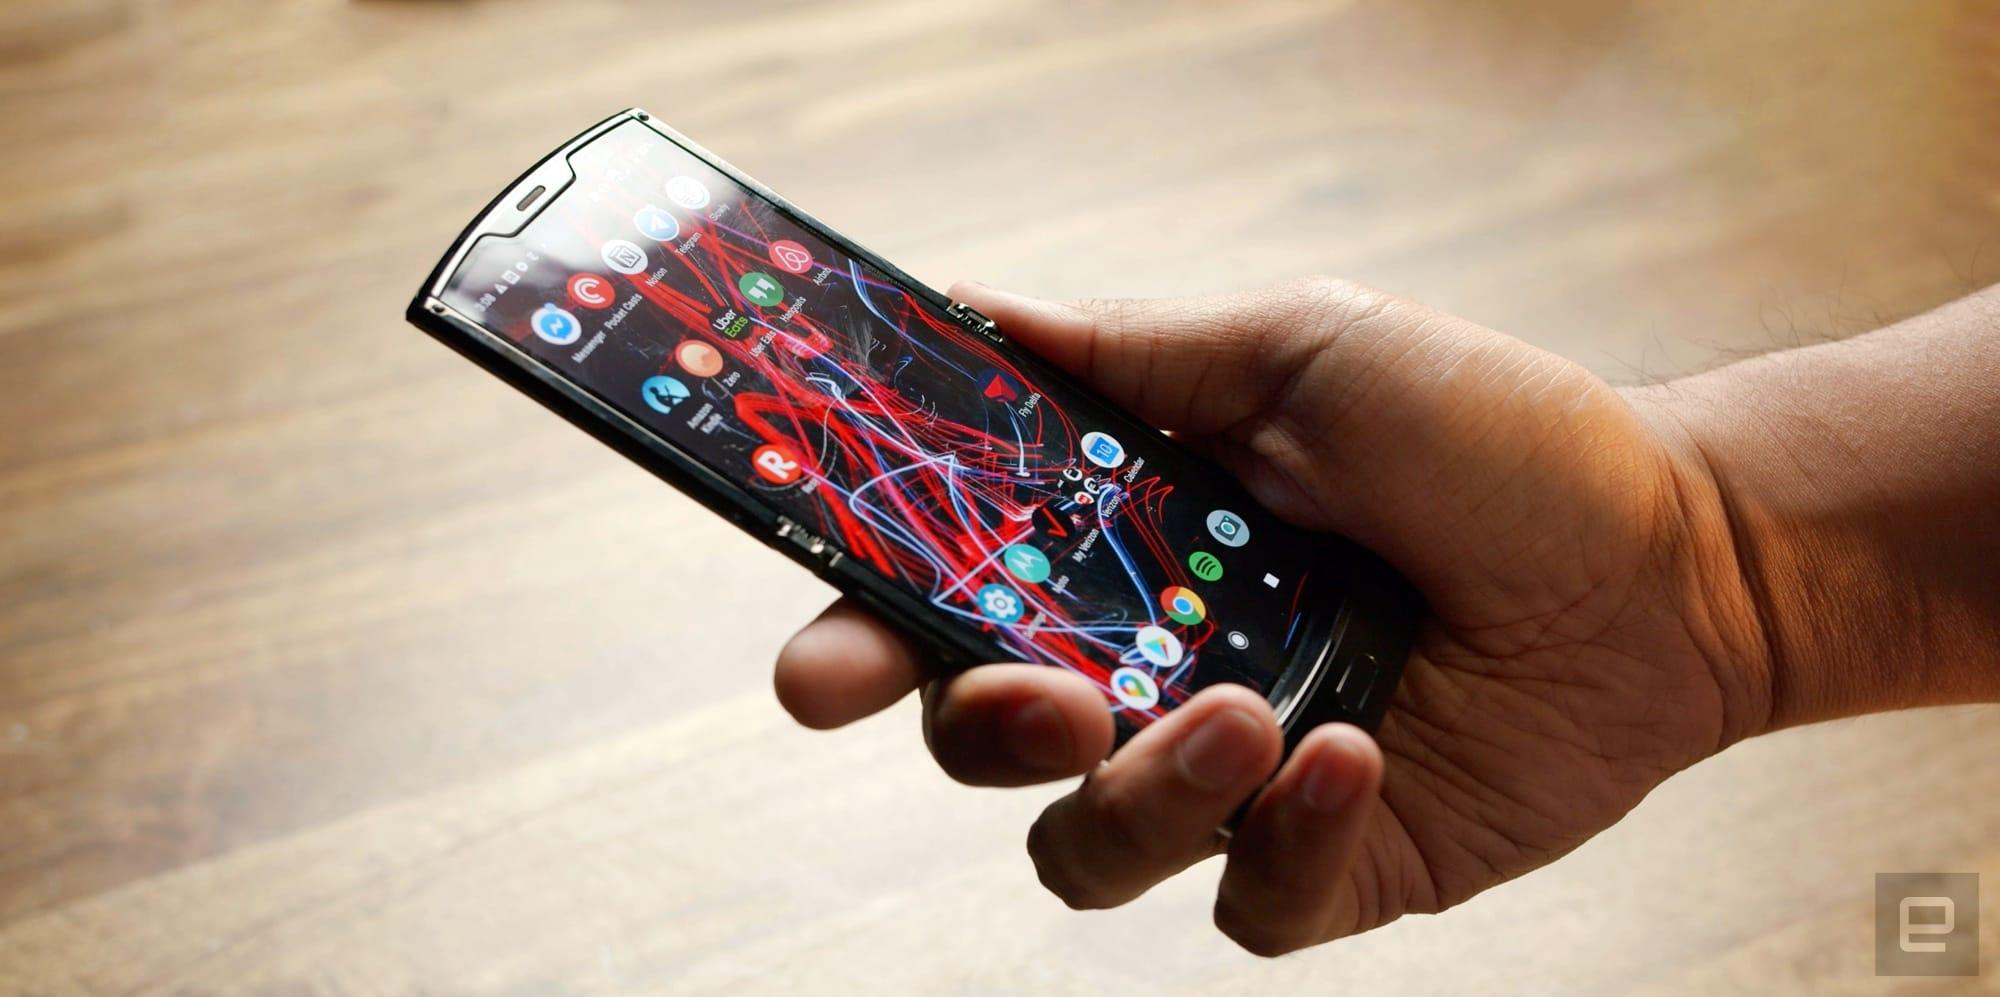 Motorola Razr review: A fashion statement, not a flagship